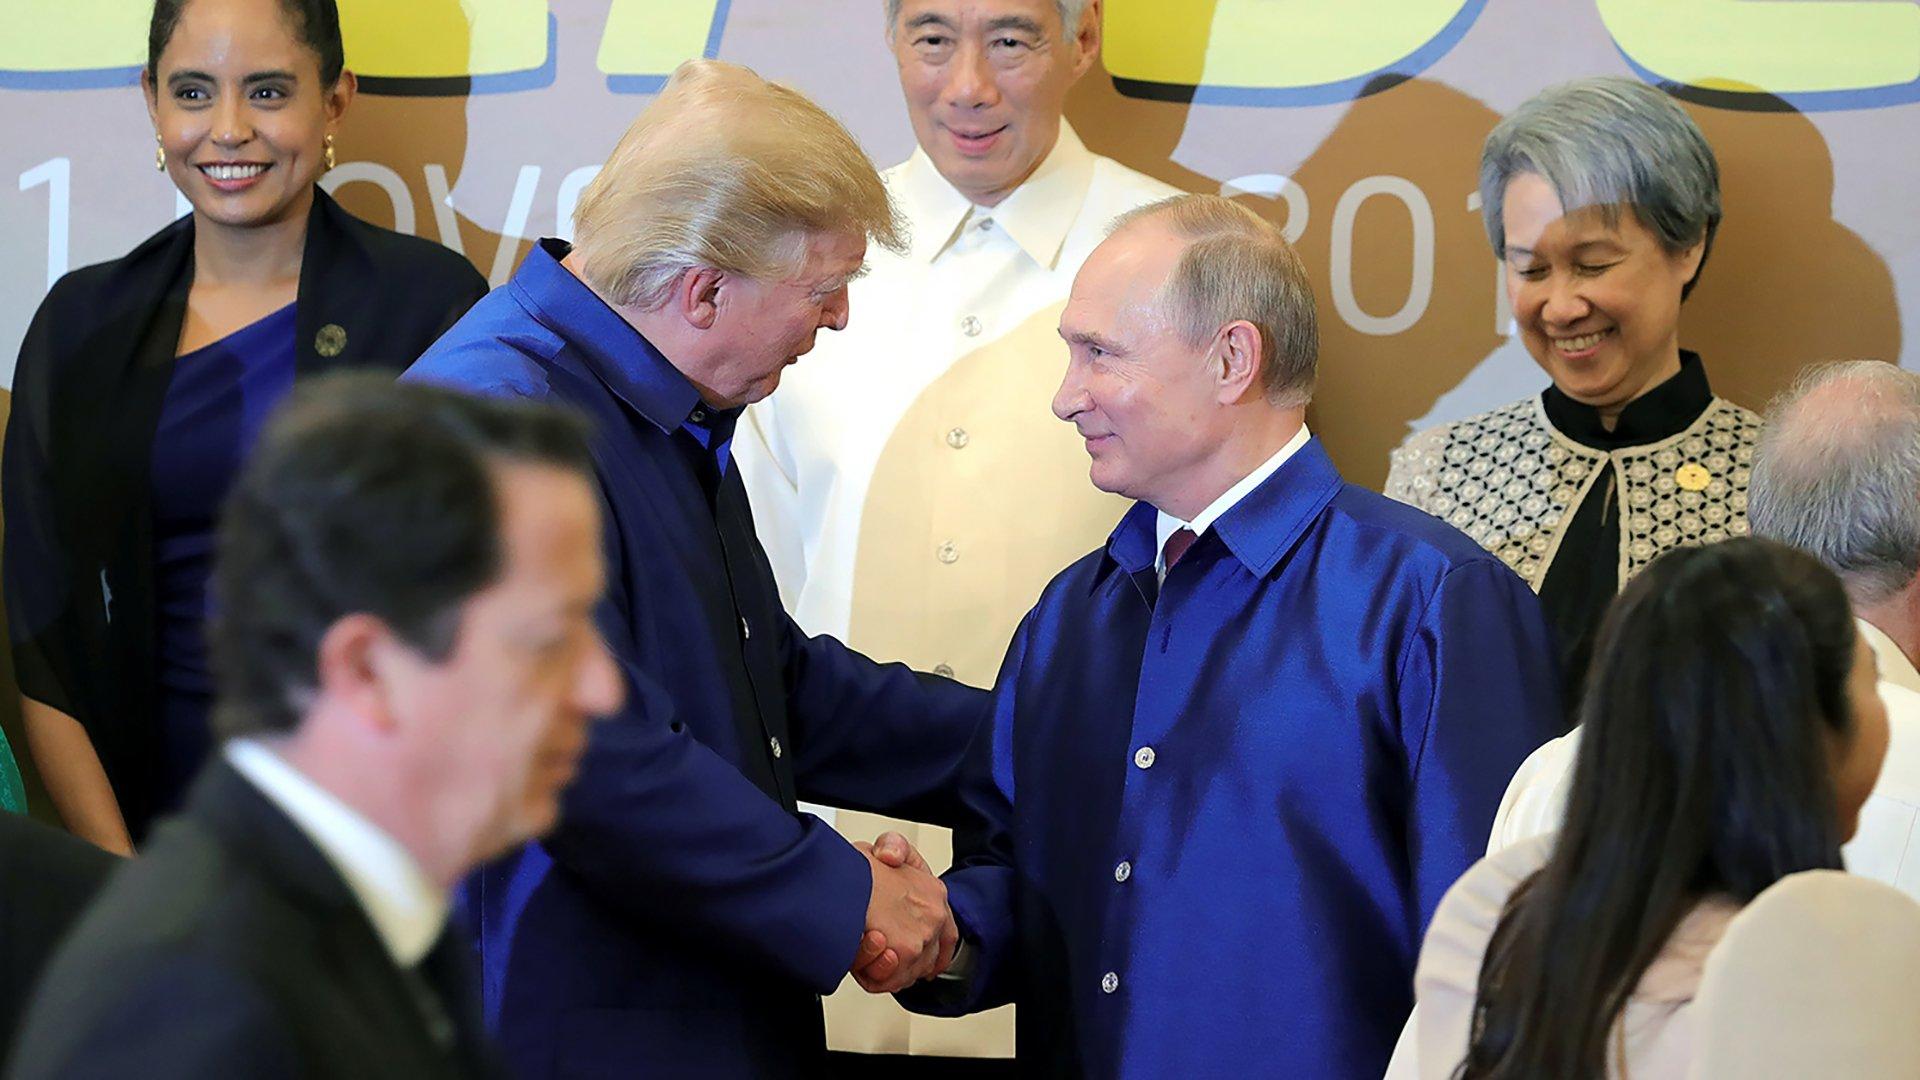 Встреча Путина и Трампа не состоялась из-за США, отметил Песков